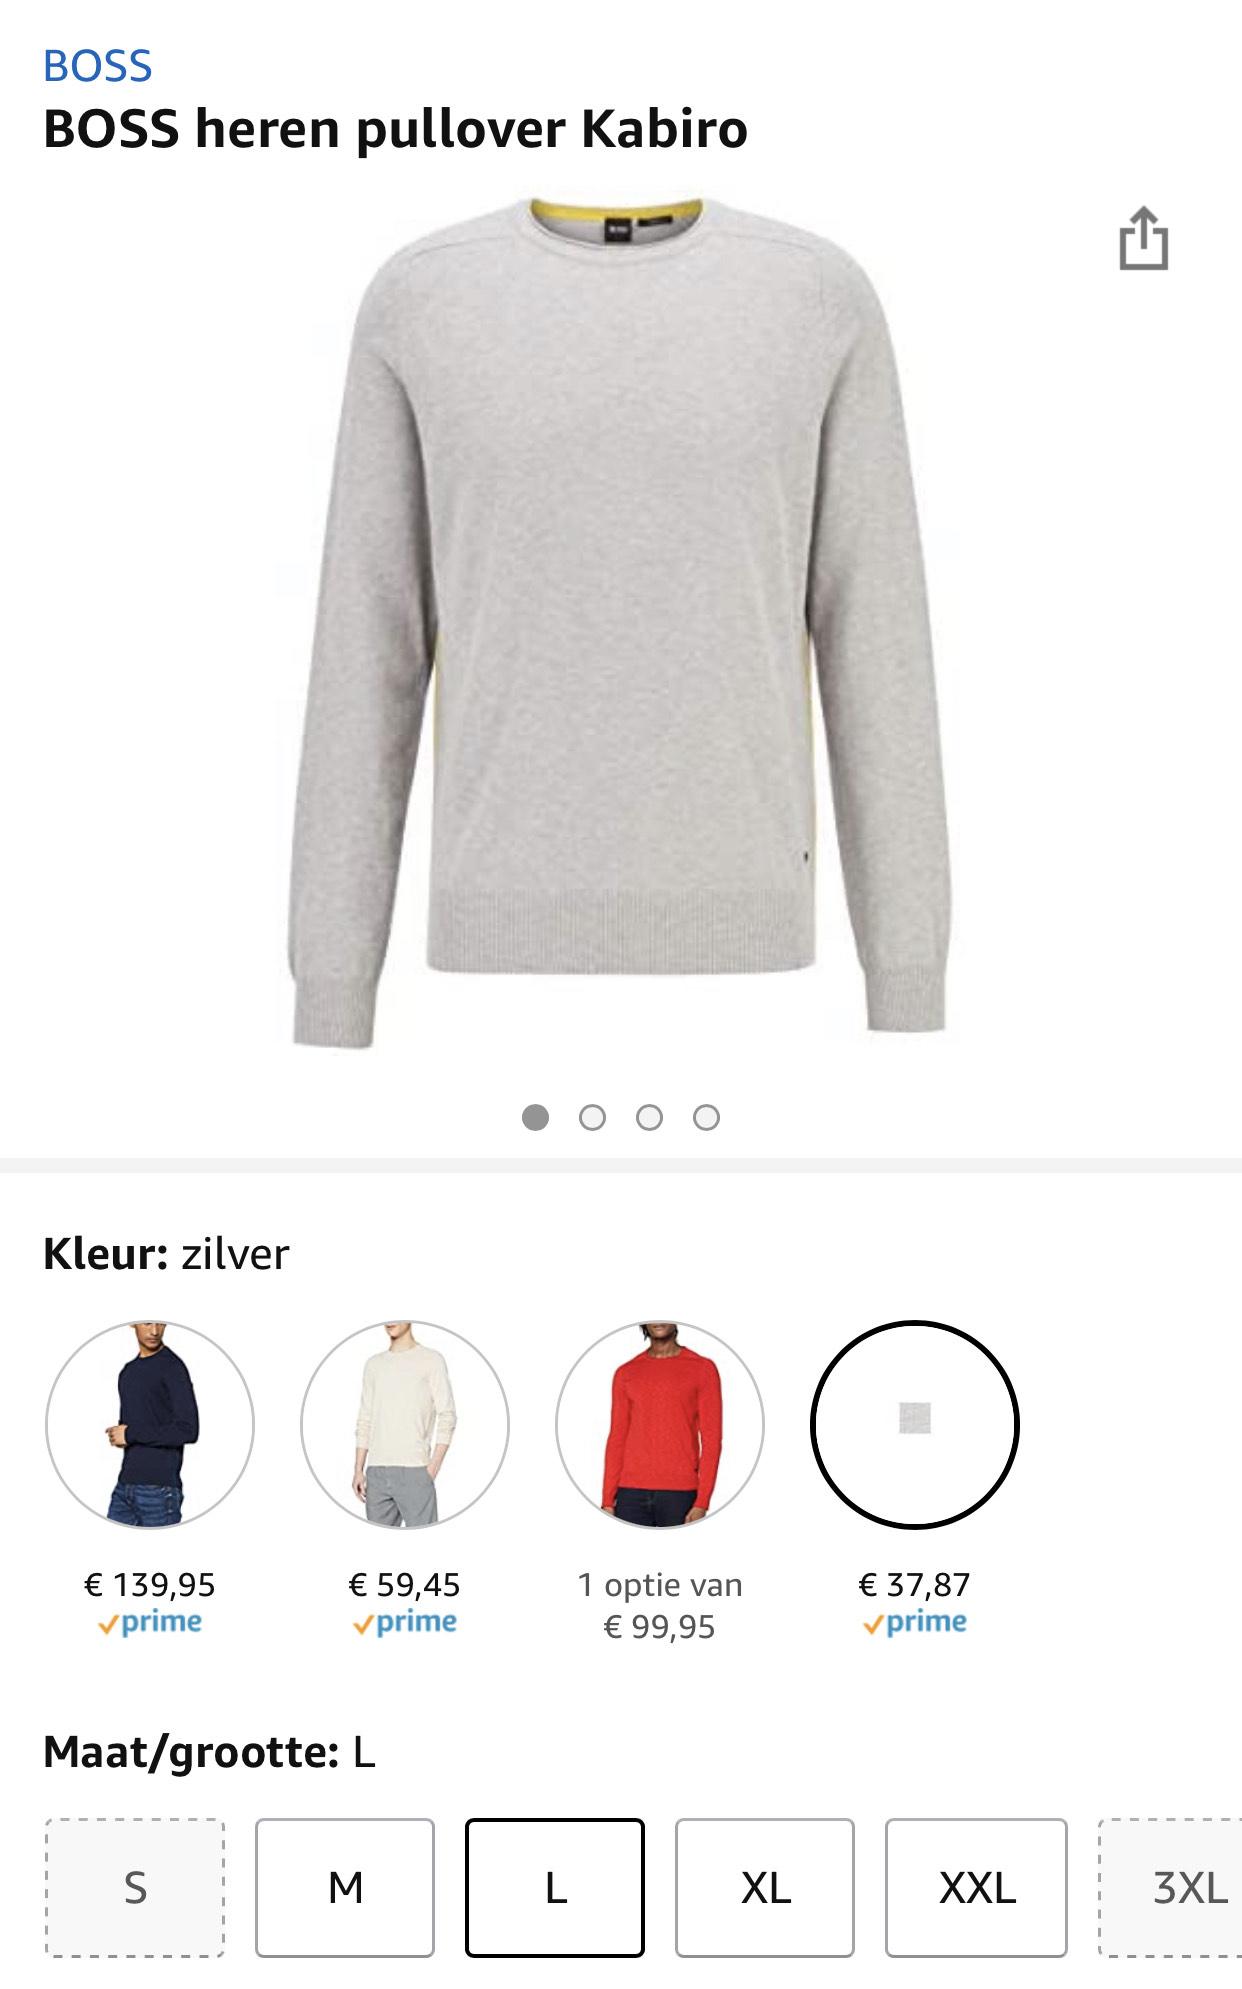 BOSS heren pullover Kabiro vanaf €37,87